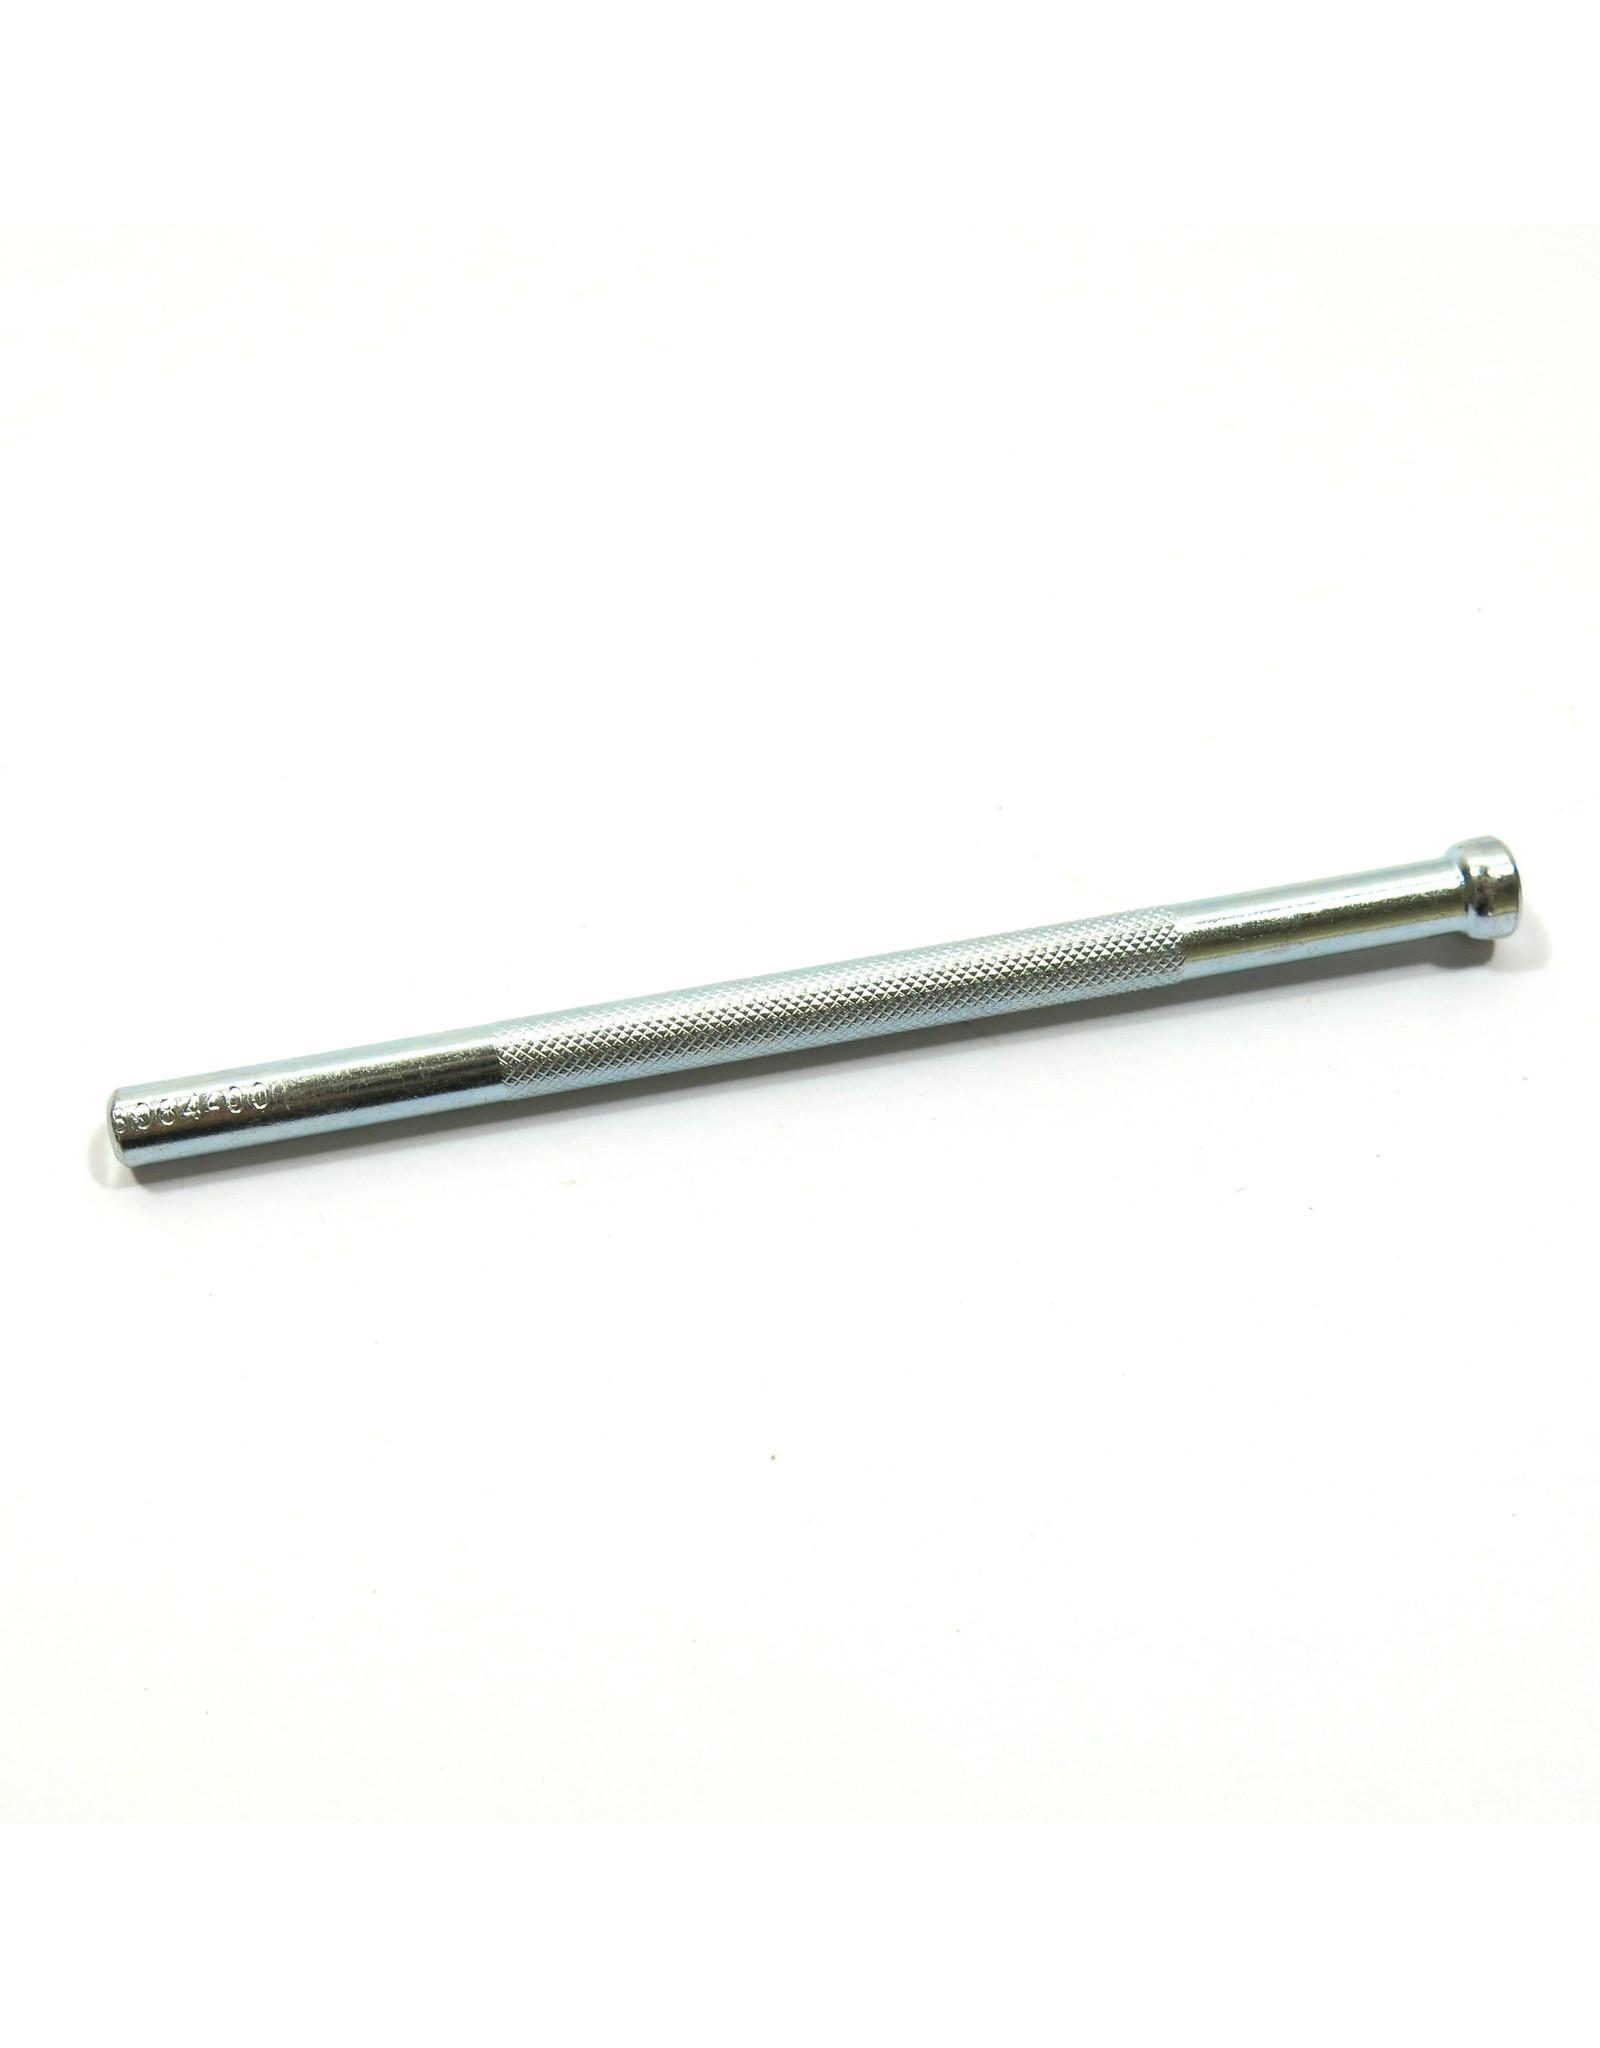 Domed rivet setter 7mm